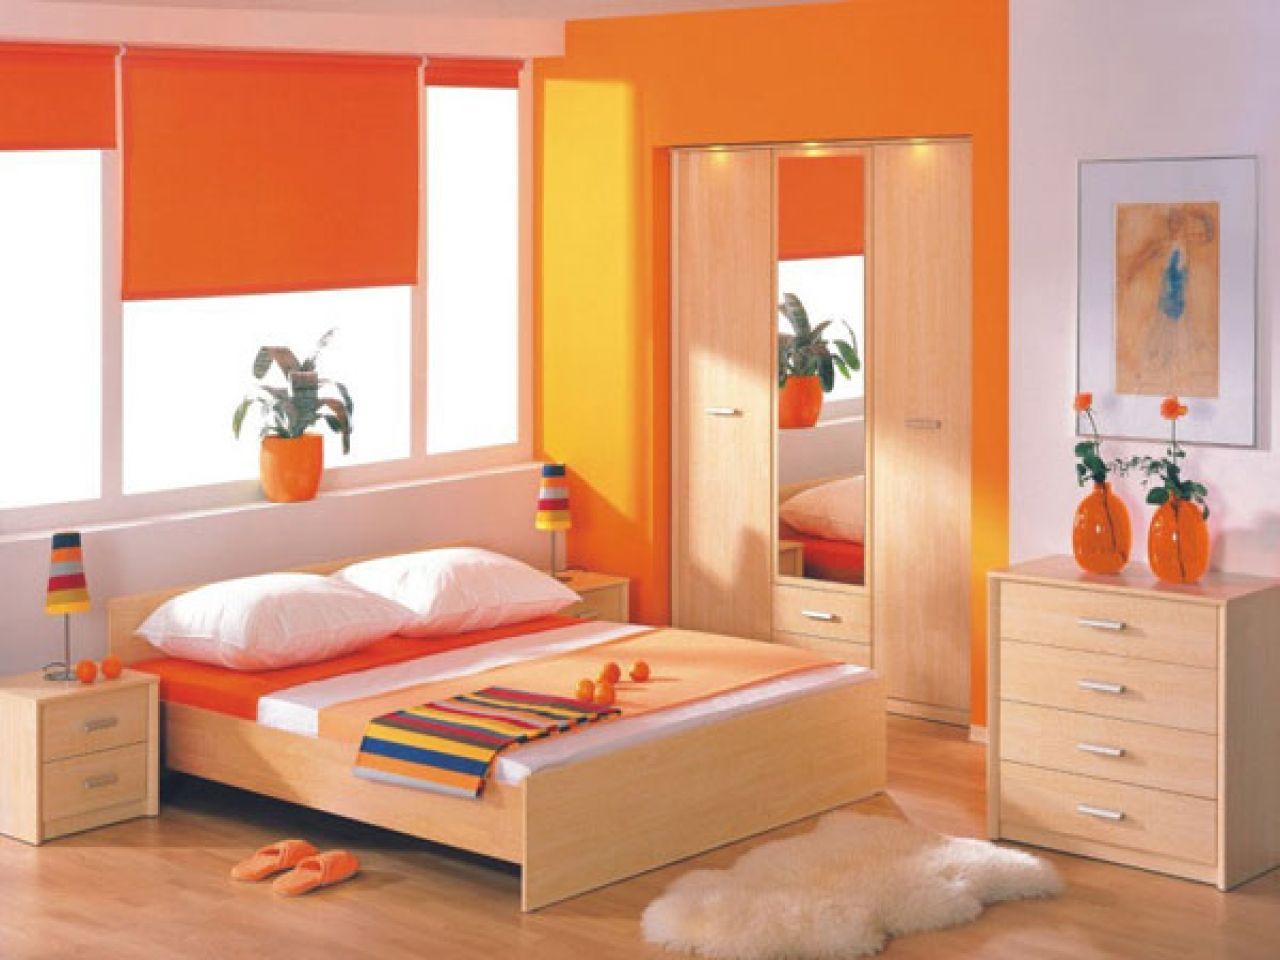 Asiatische Farben Farbe Kombinationen Smart Platzierung Farbe